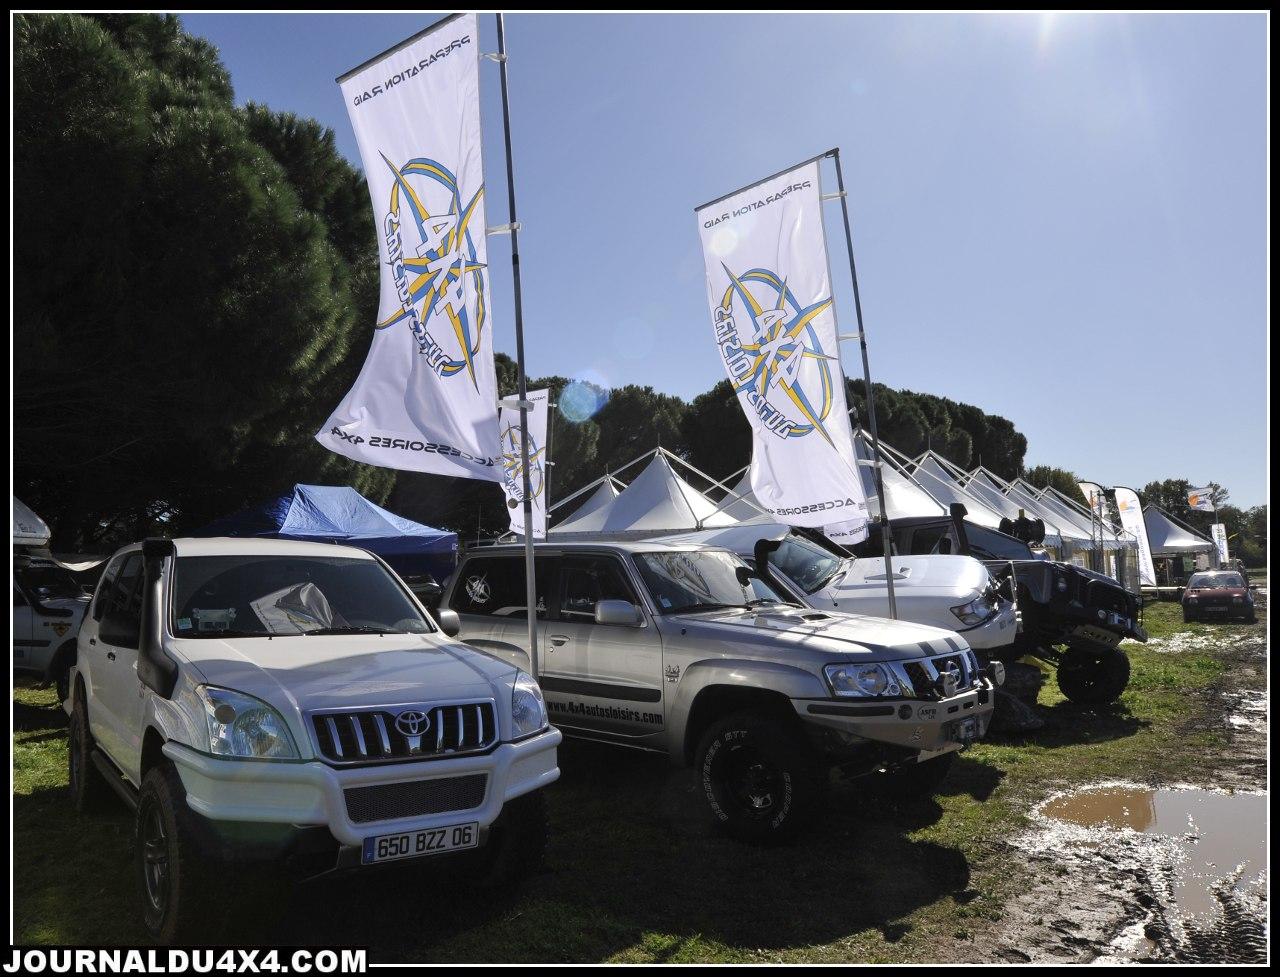 4x4-autos-loisirs.jpg